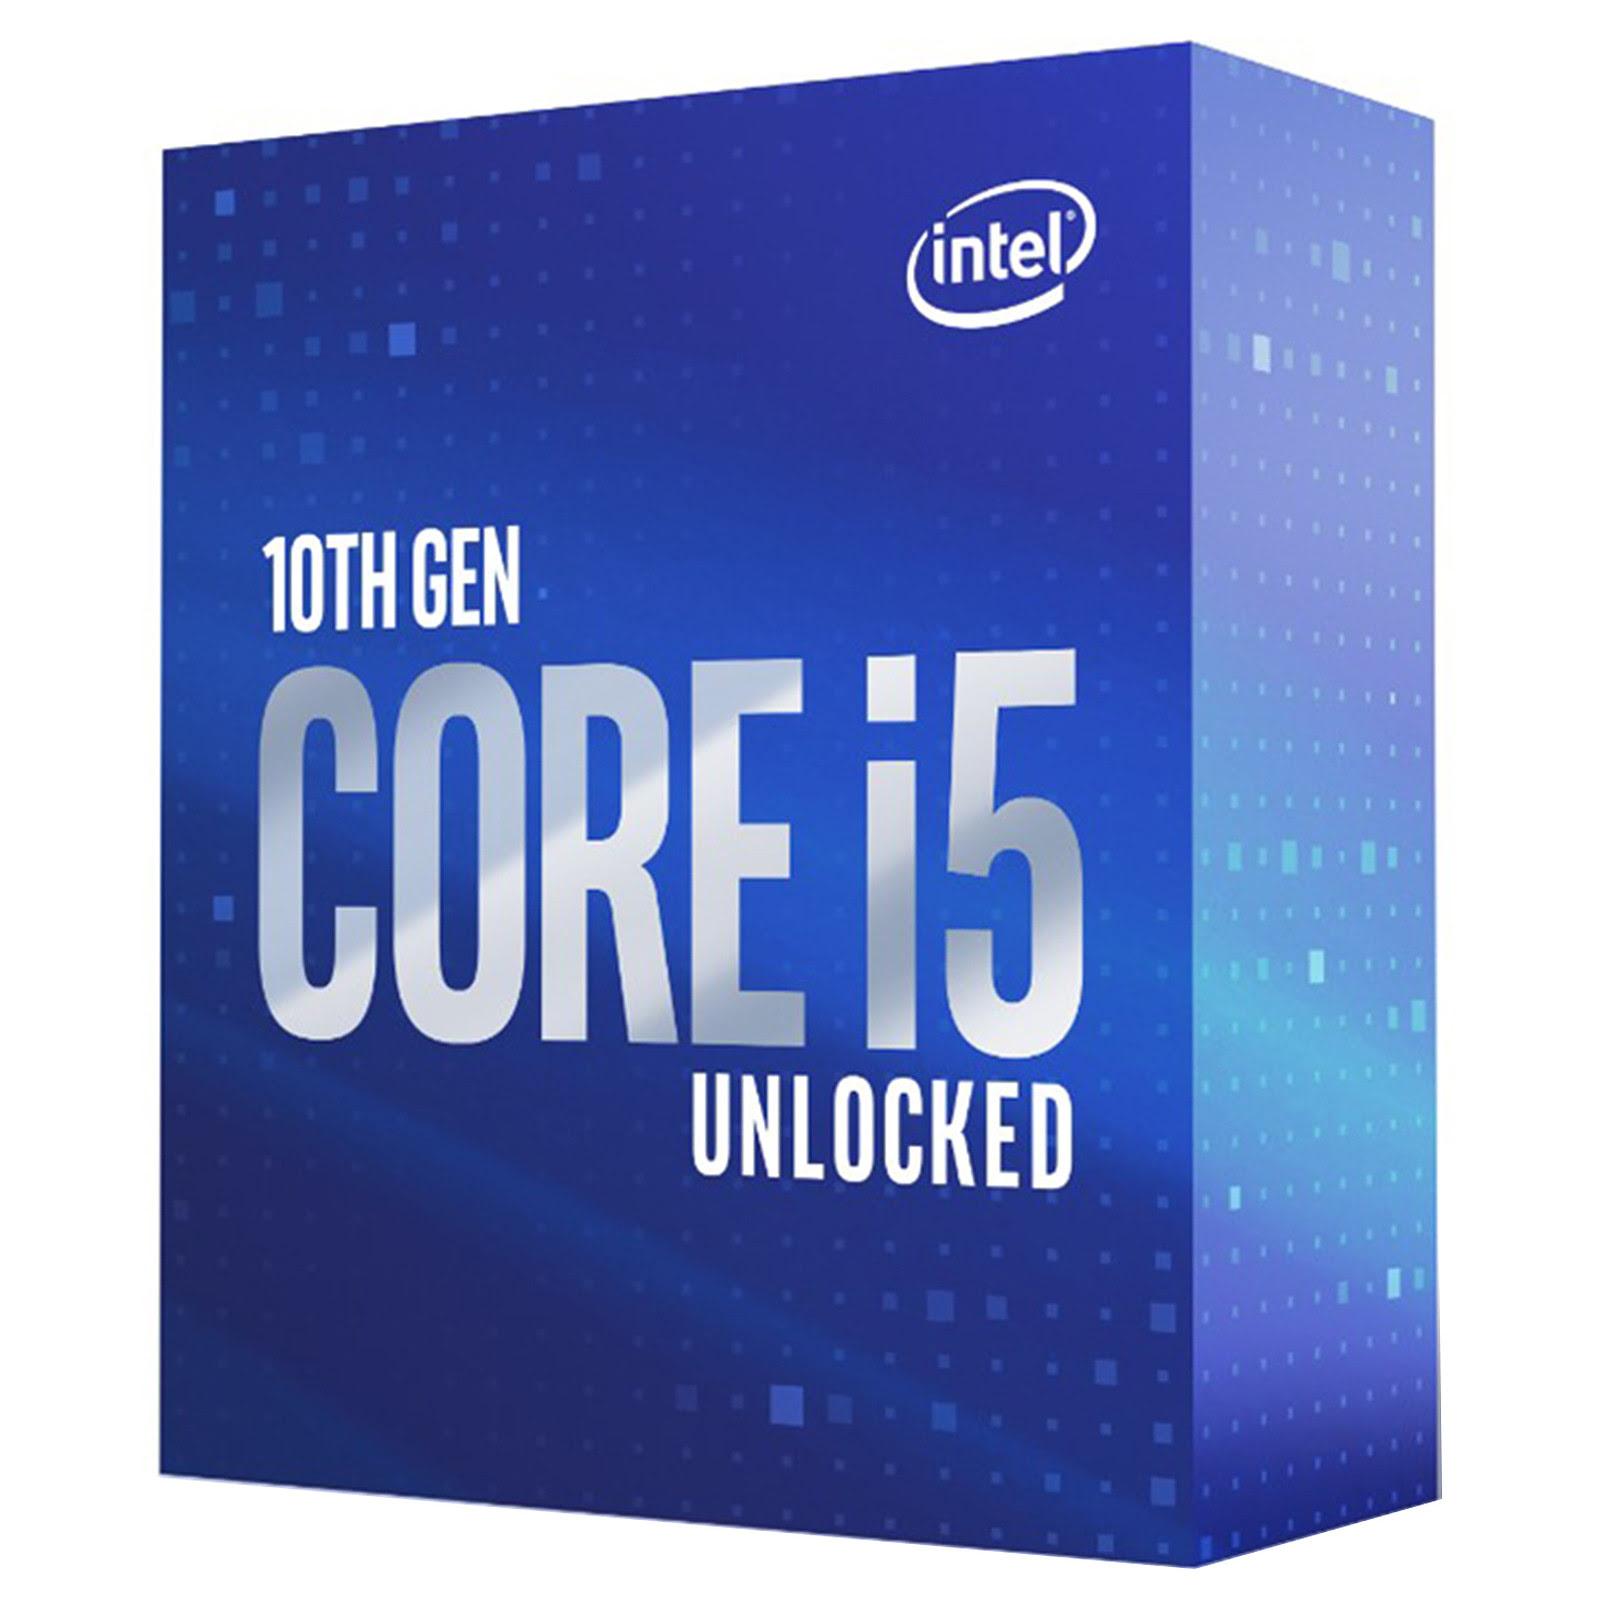 Intel Core i5-10600K - 4.1GHz - Processeur Intel - Cybertek.fr - 1